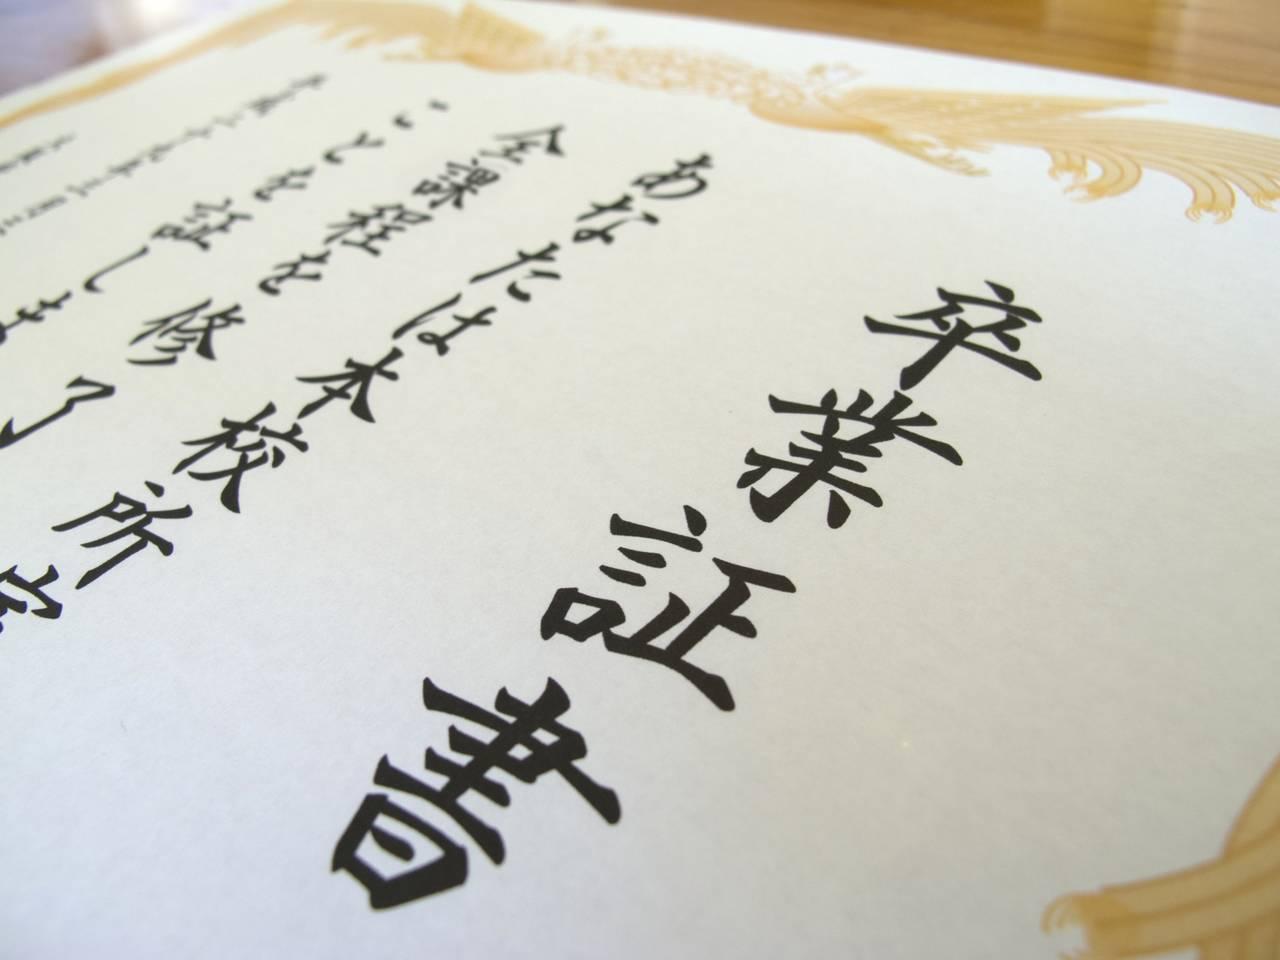 「ファン卒業しました」元ファンの告白に山田涼介ショック「恨みますよ」